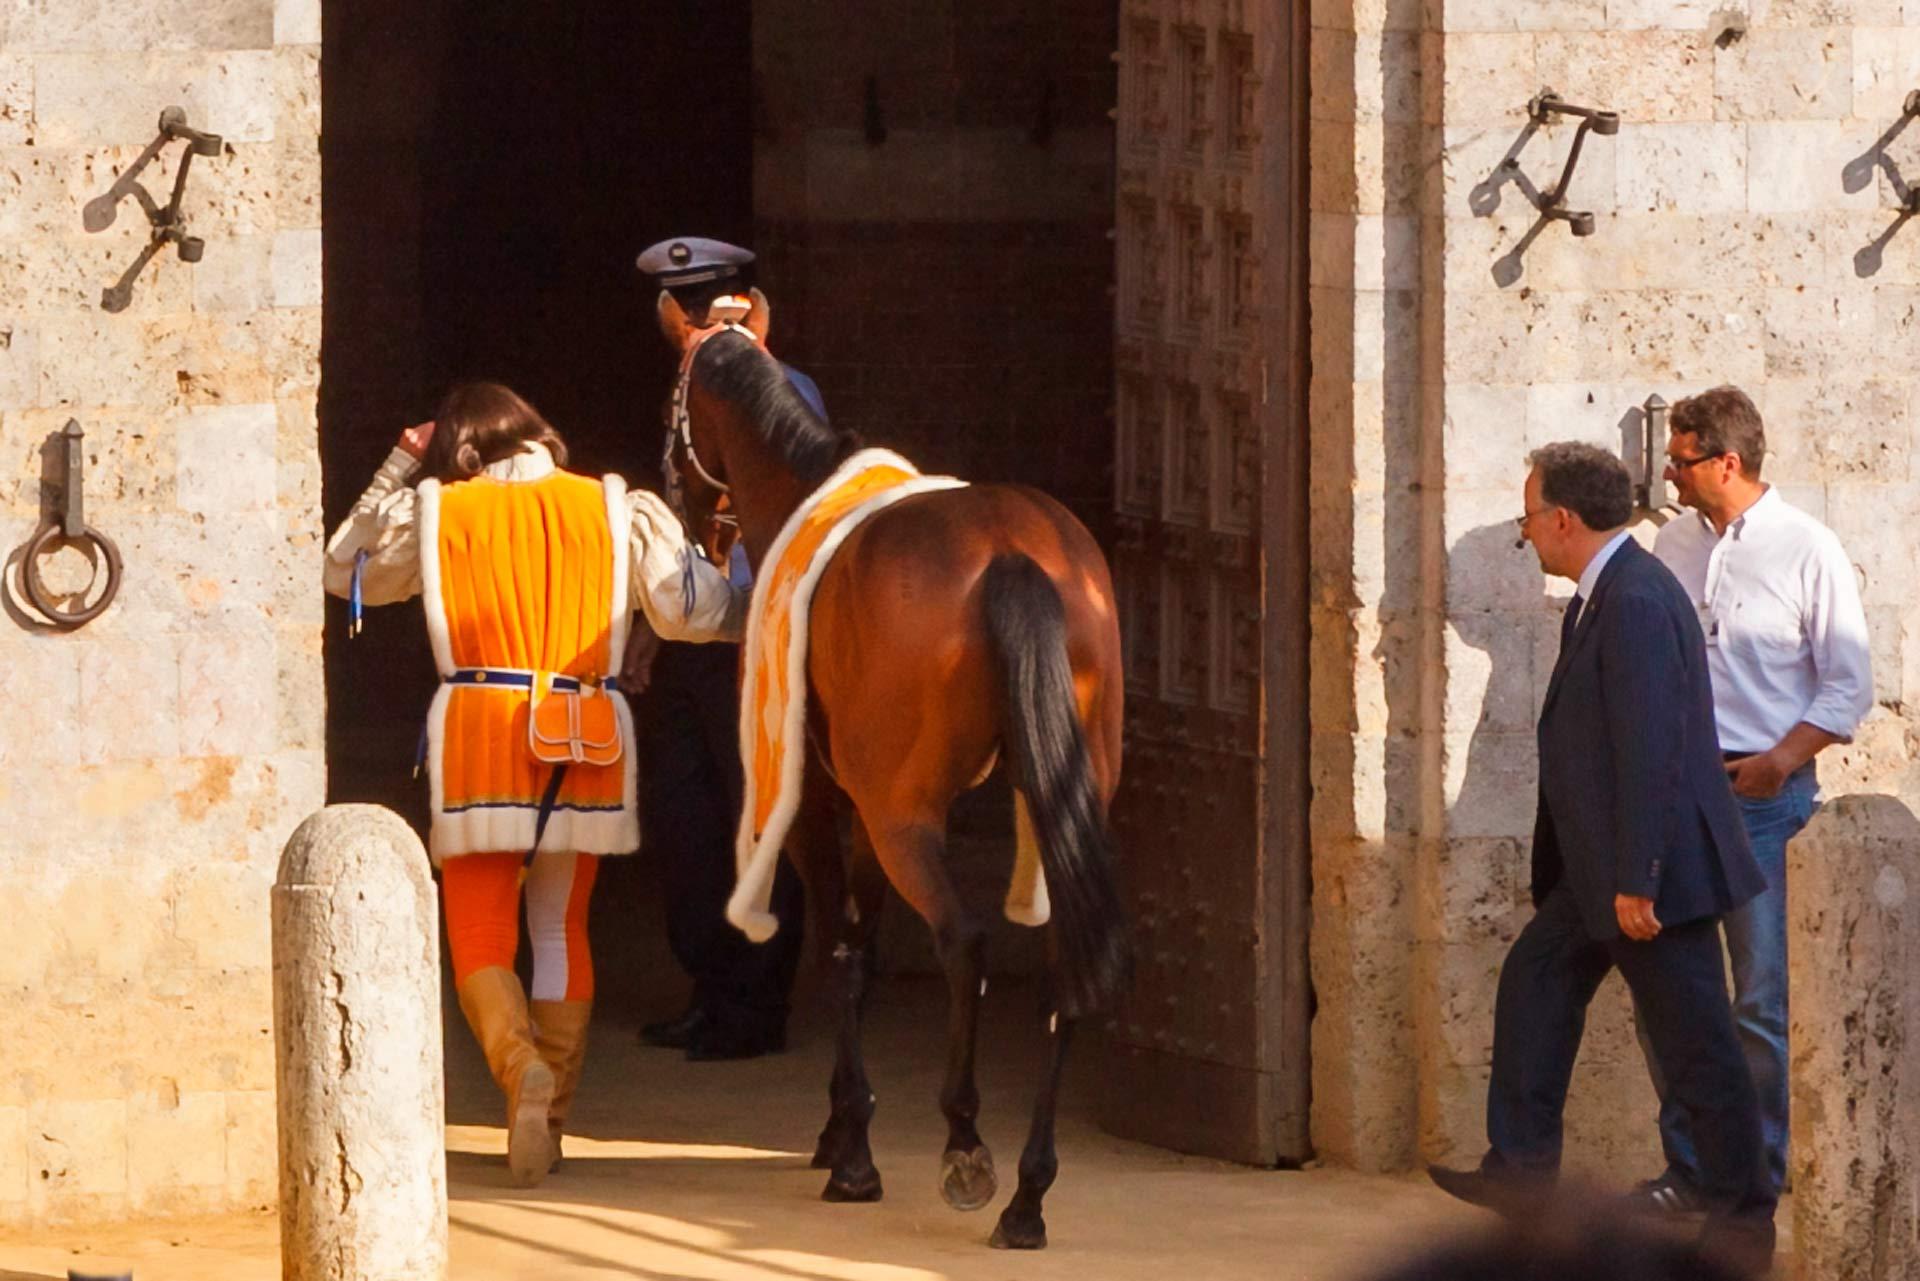 """TOUT EST PR?T POUR LE PALIO - Quelques jours avant le Palio, j'ai demand? ? Iorzy, le Barbaresco: """"Qu'arrivera-t-il au cheval gagnant ? la fin du Palio?"""" Et Iorzy: ?Il sera port? en triomphe devant l'?glise de Provenzano pour remercier la Madone. Imm?diatement apr?s, l'heureux Barbaresco le ram?nera ? l'?curie pour s'occuper de lui, le r?parer et v?rifier que tout va bien. """" J'ai r?pondu: """"Alors le Barbaresco est le seul contradaiolo ? manquer les c?l?brations?"""" Iorzy: ?Tout d'abord vient le cheval. Il est temps de c?l?brer. """" Avec ces mots simples, Iorzy a dissip? tous mes doutes qui m'ont pouss? ? vivre cette fantastique aventure. Si ce n'est pas de la passion et de l'amour pour le """"Cheval"""", je ne sais tout simplement pas comment le d?finir! Peut-?tre simplement: """"Palio di Siena!"""""""